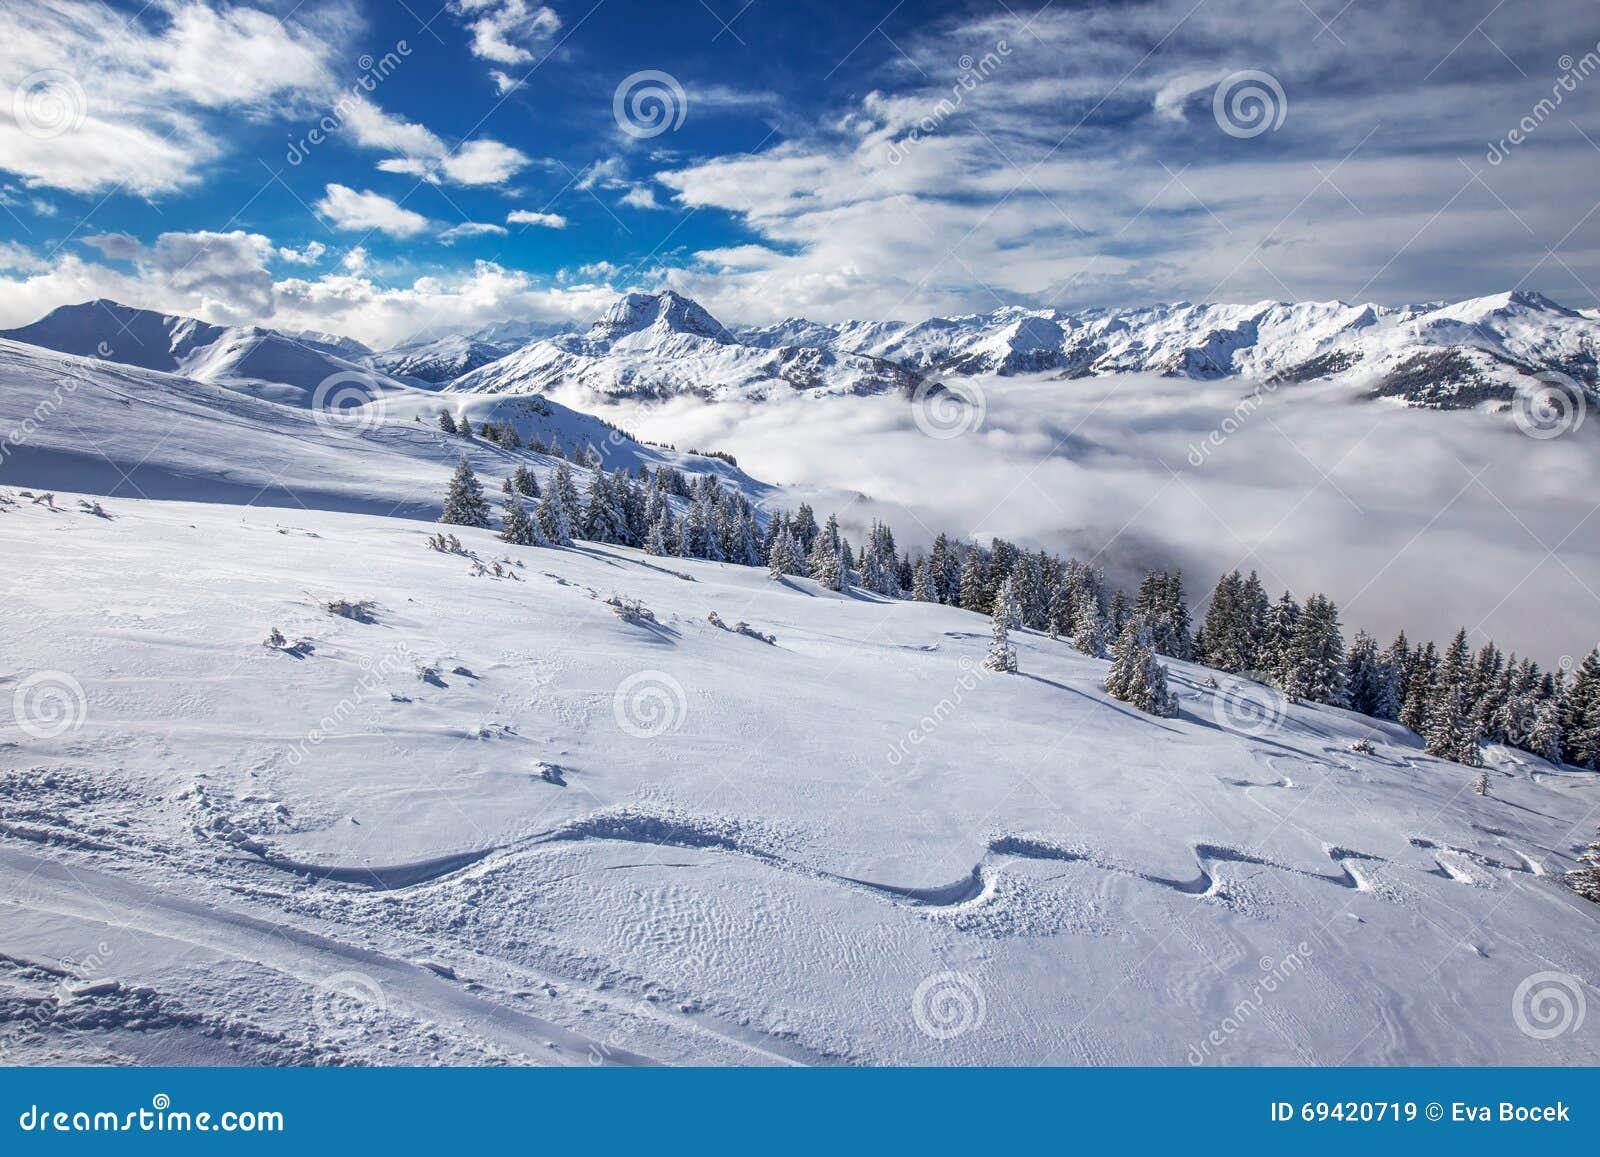 Alberi coperti da neve fresca nelle alpi dell 39 austria for Cabine vicino montagna di sangue